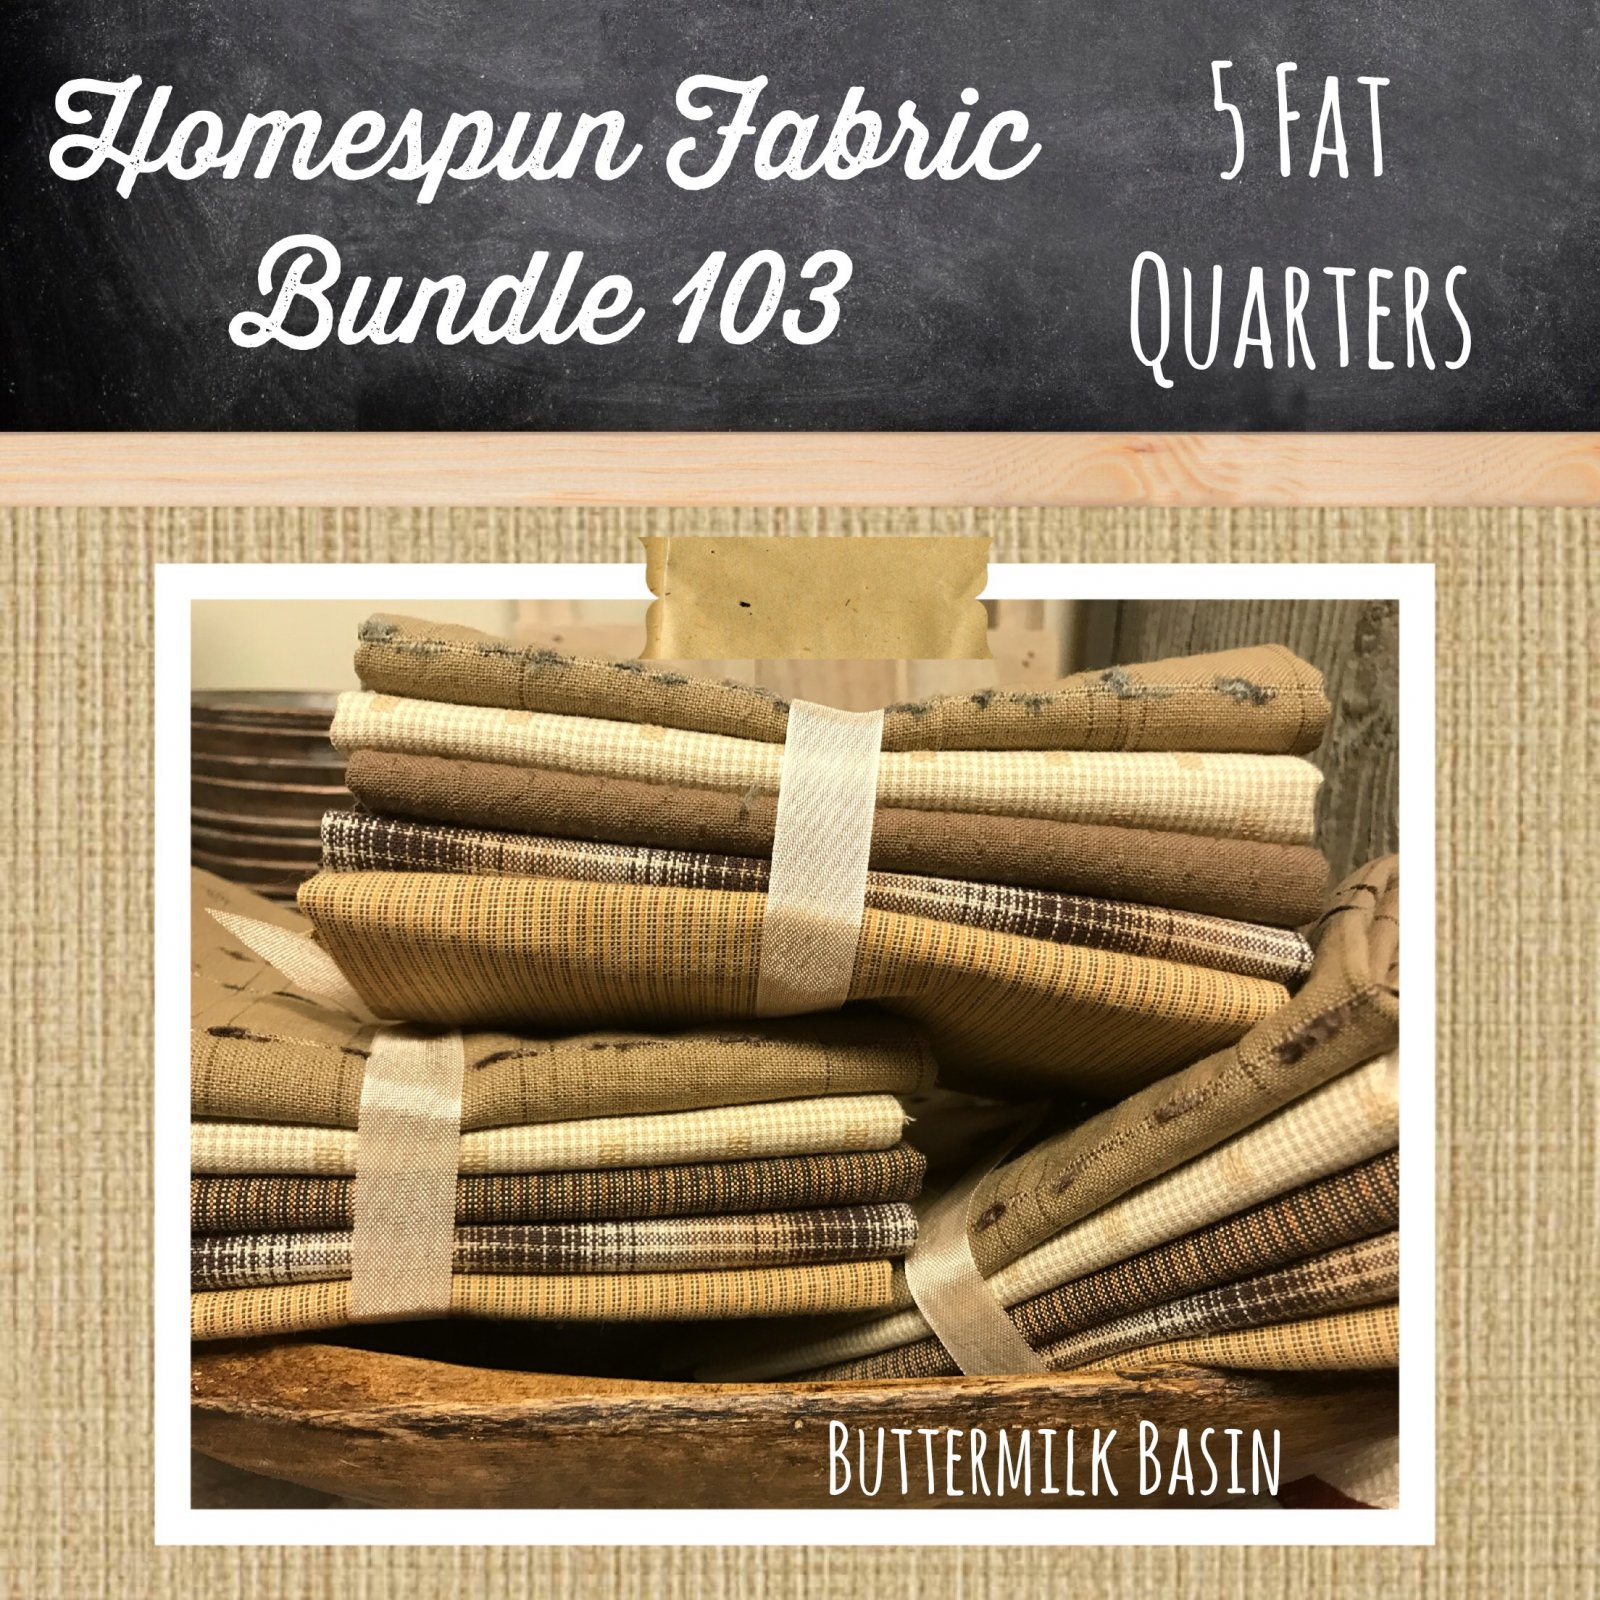 Homespun Fabric Bundle 103